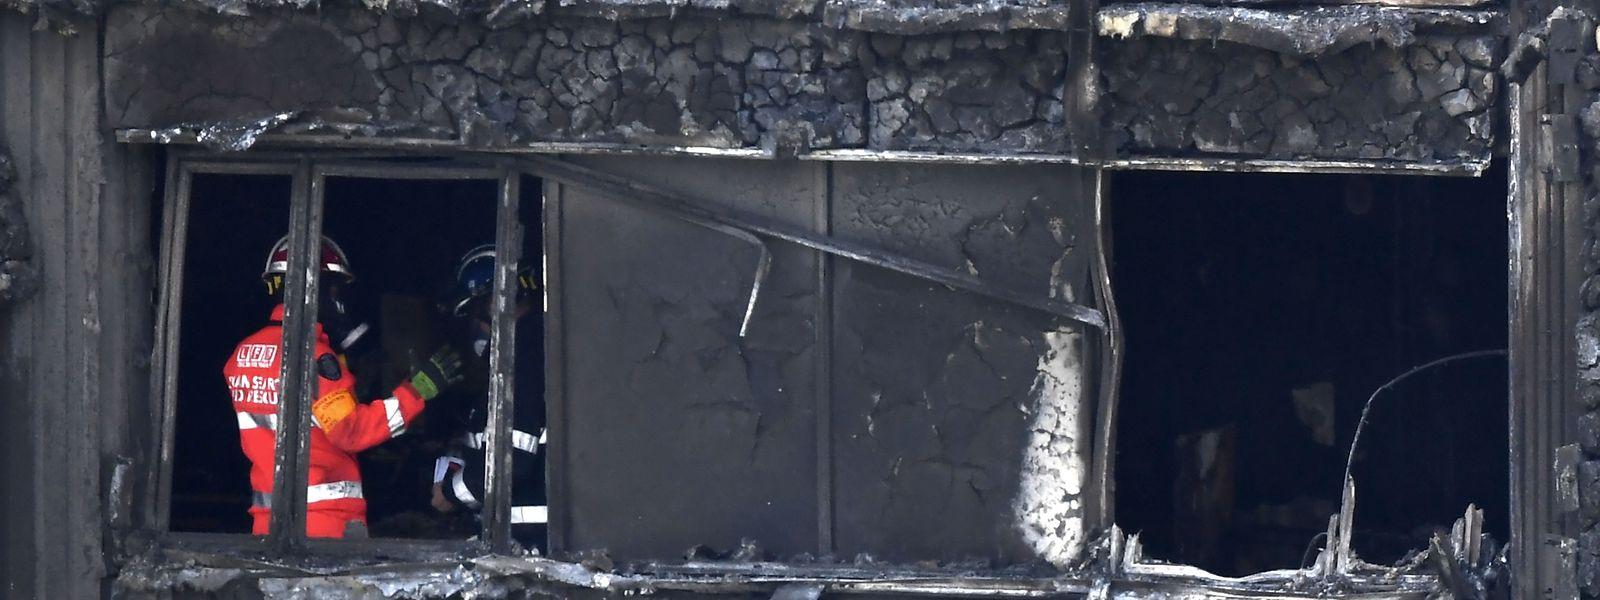 Die Suche nach weiteren Opfern wird durch die Instabilität des Gebäudes erschwert.